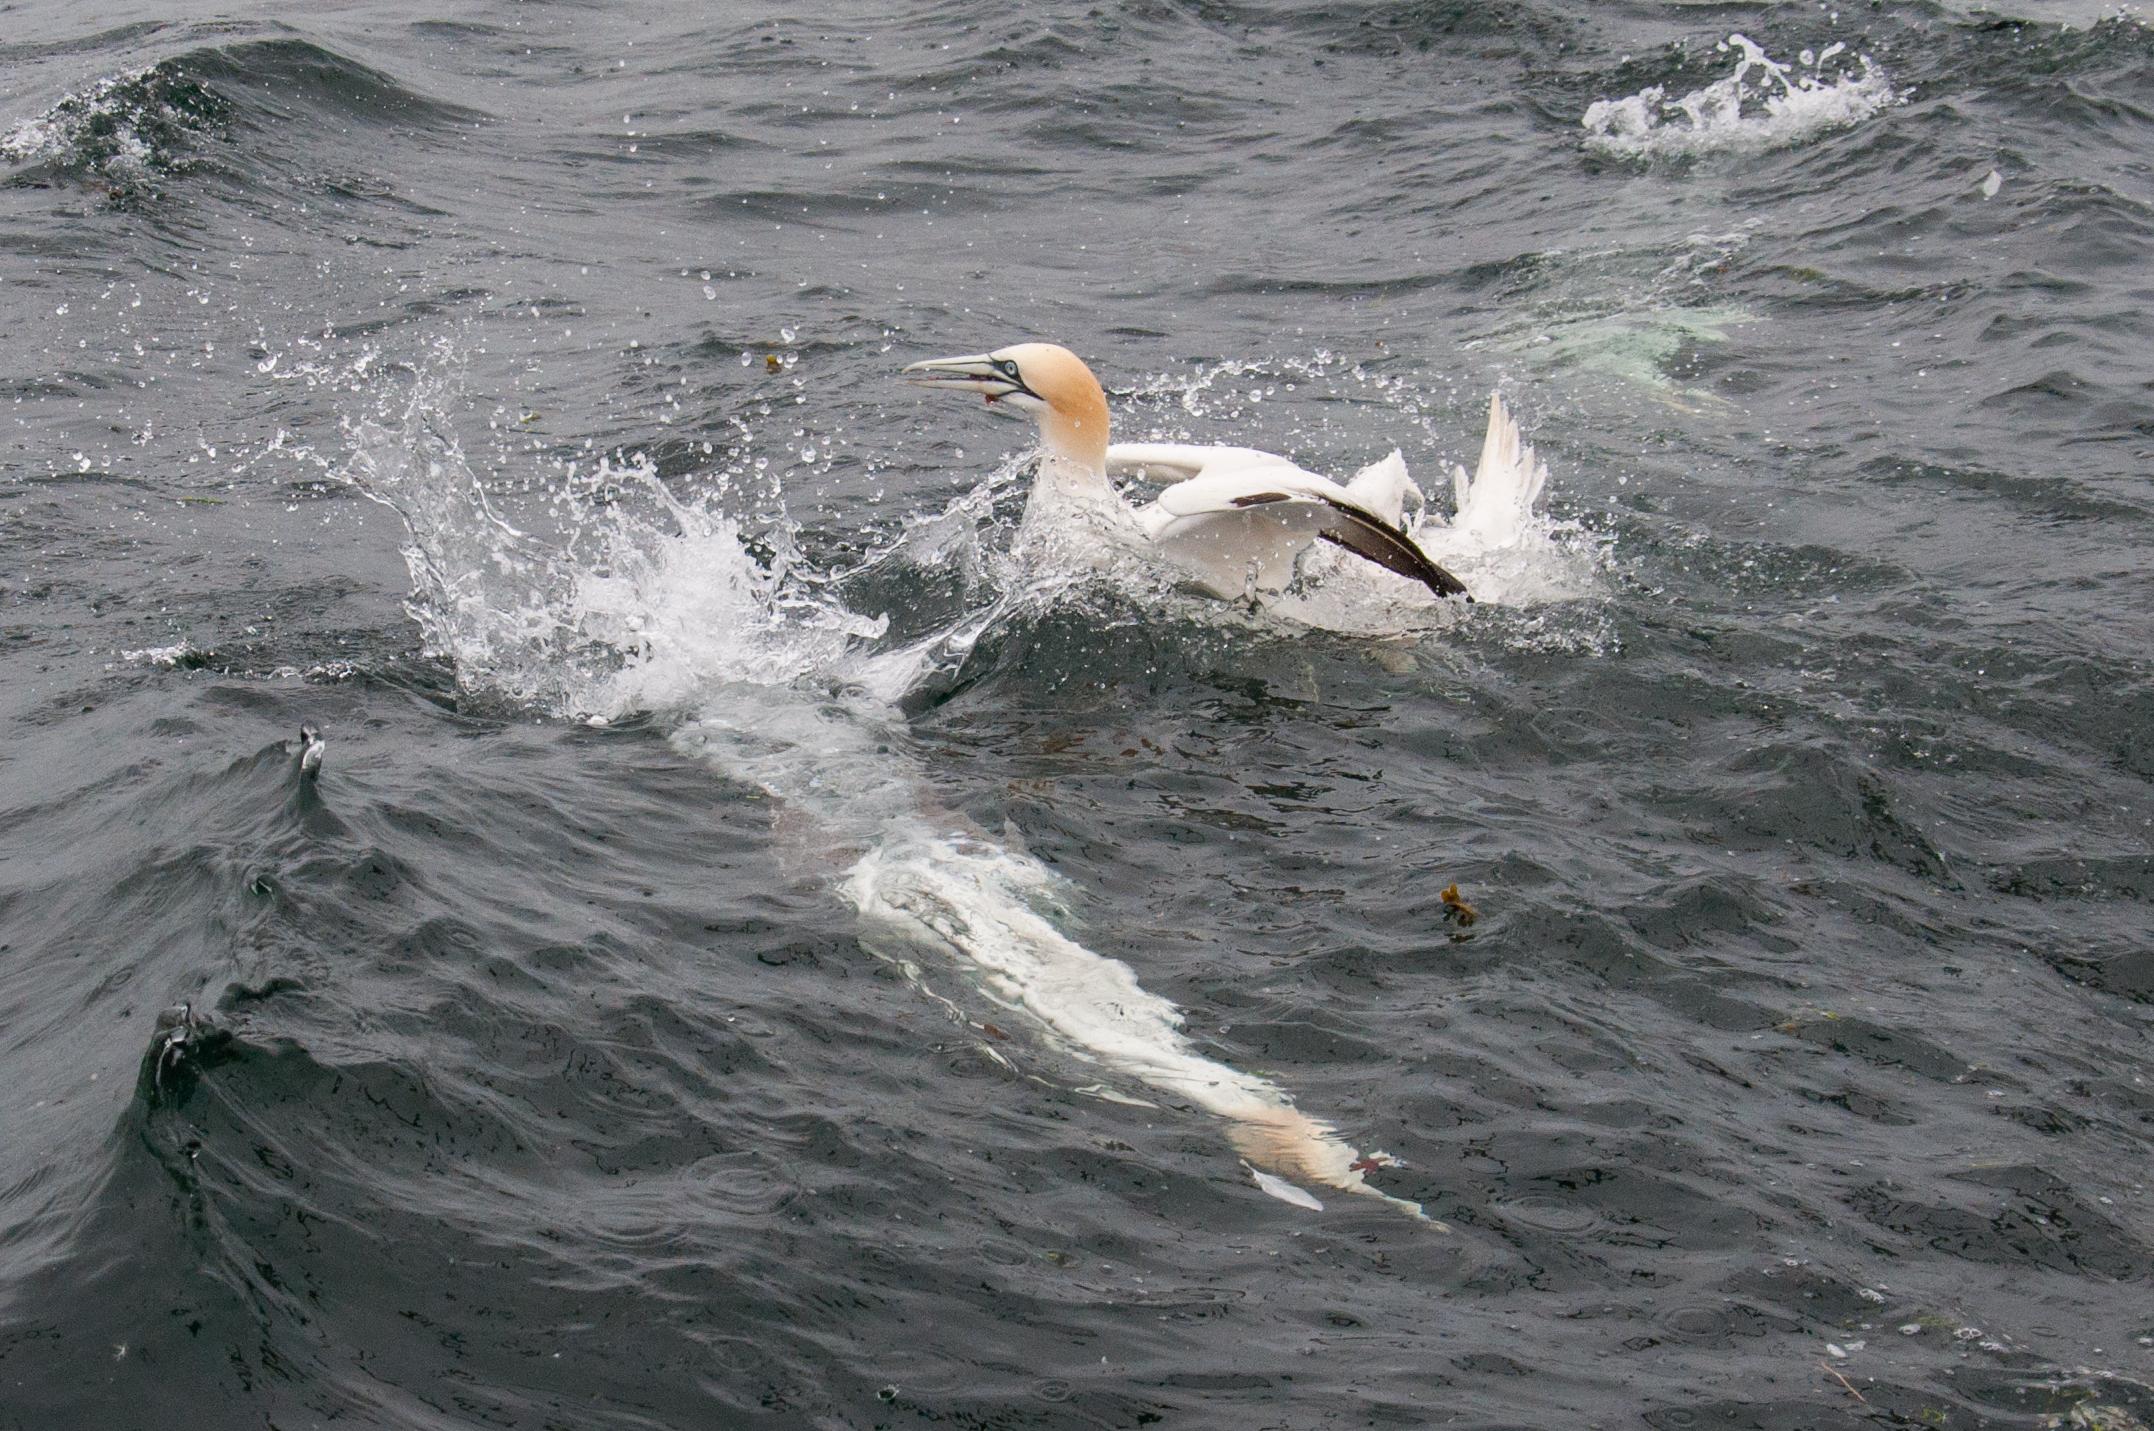 Duikend naar vis